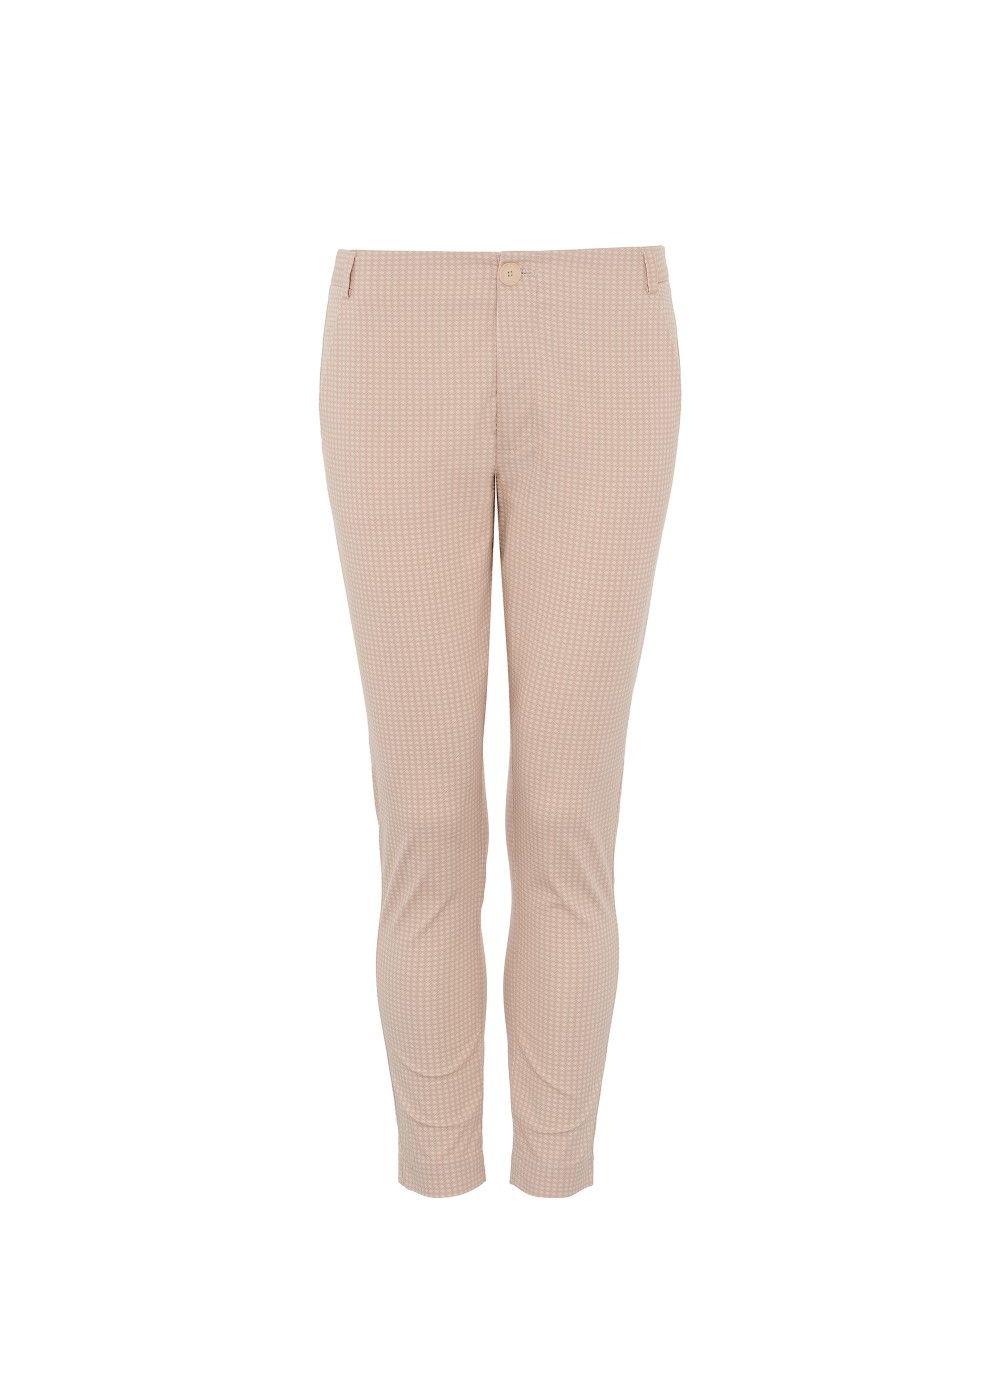 Spodnie damskie SPODT-0022-31(W18)